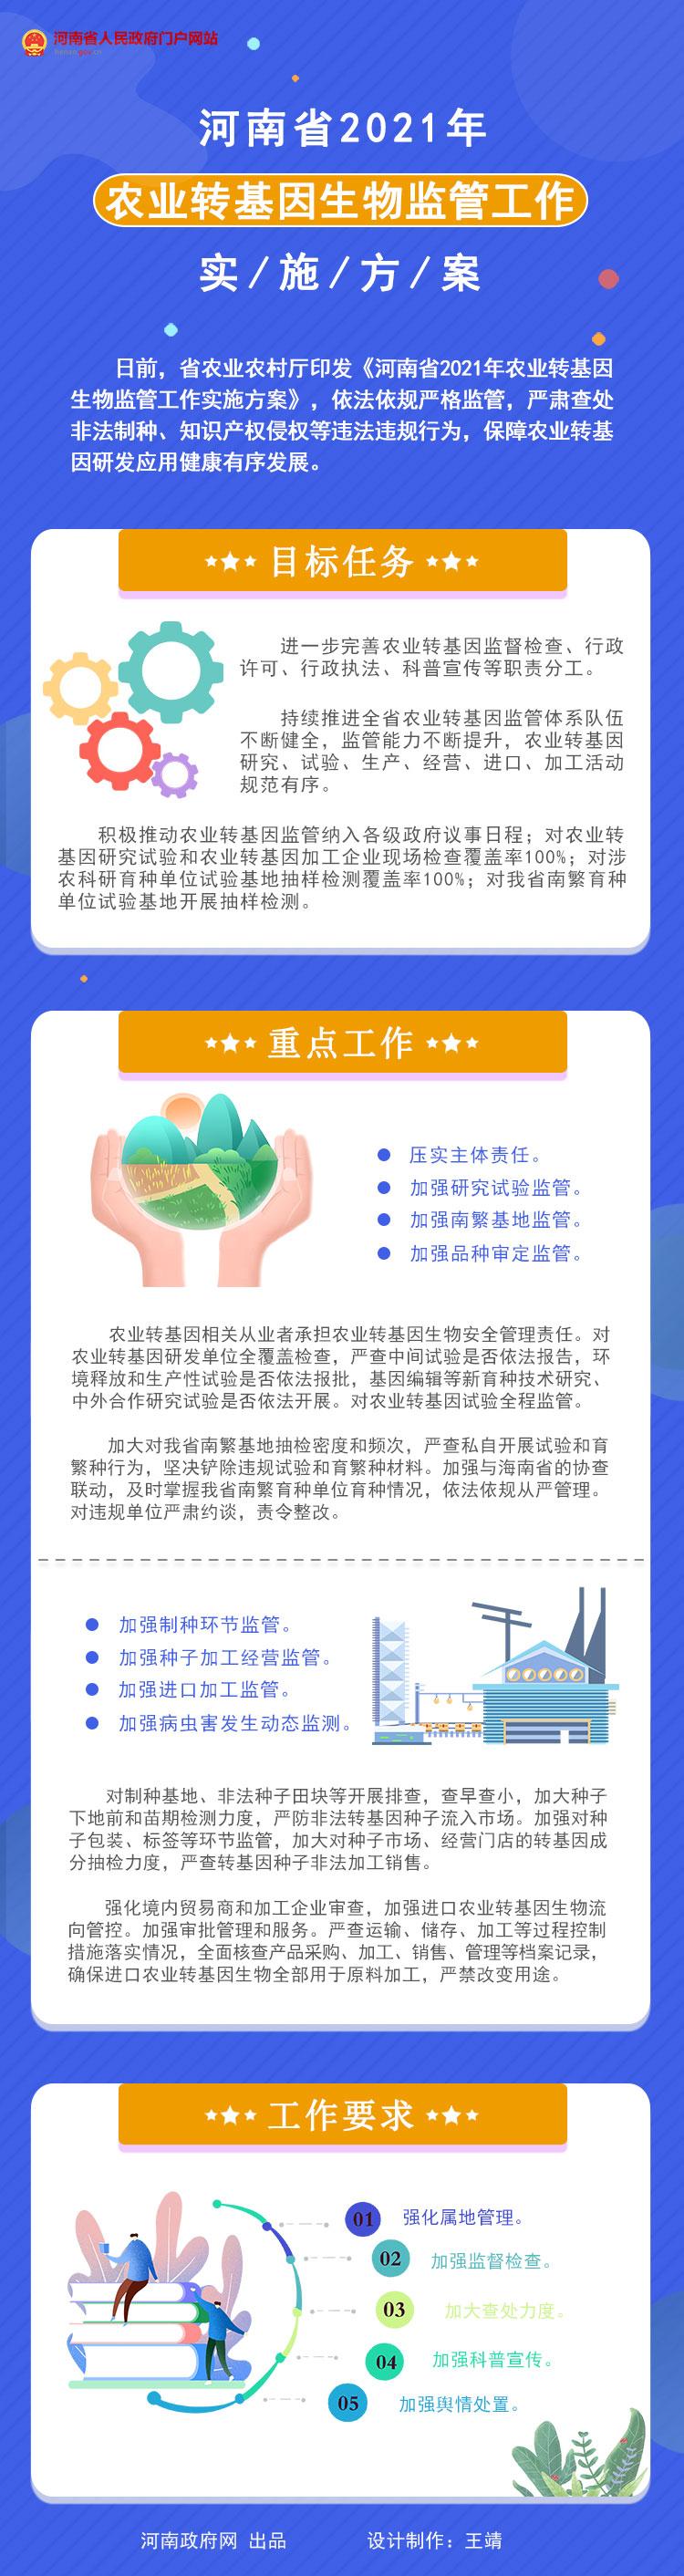 图解:河南省2021年农业转基因生物监管工作实施方案